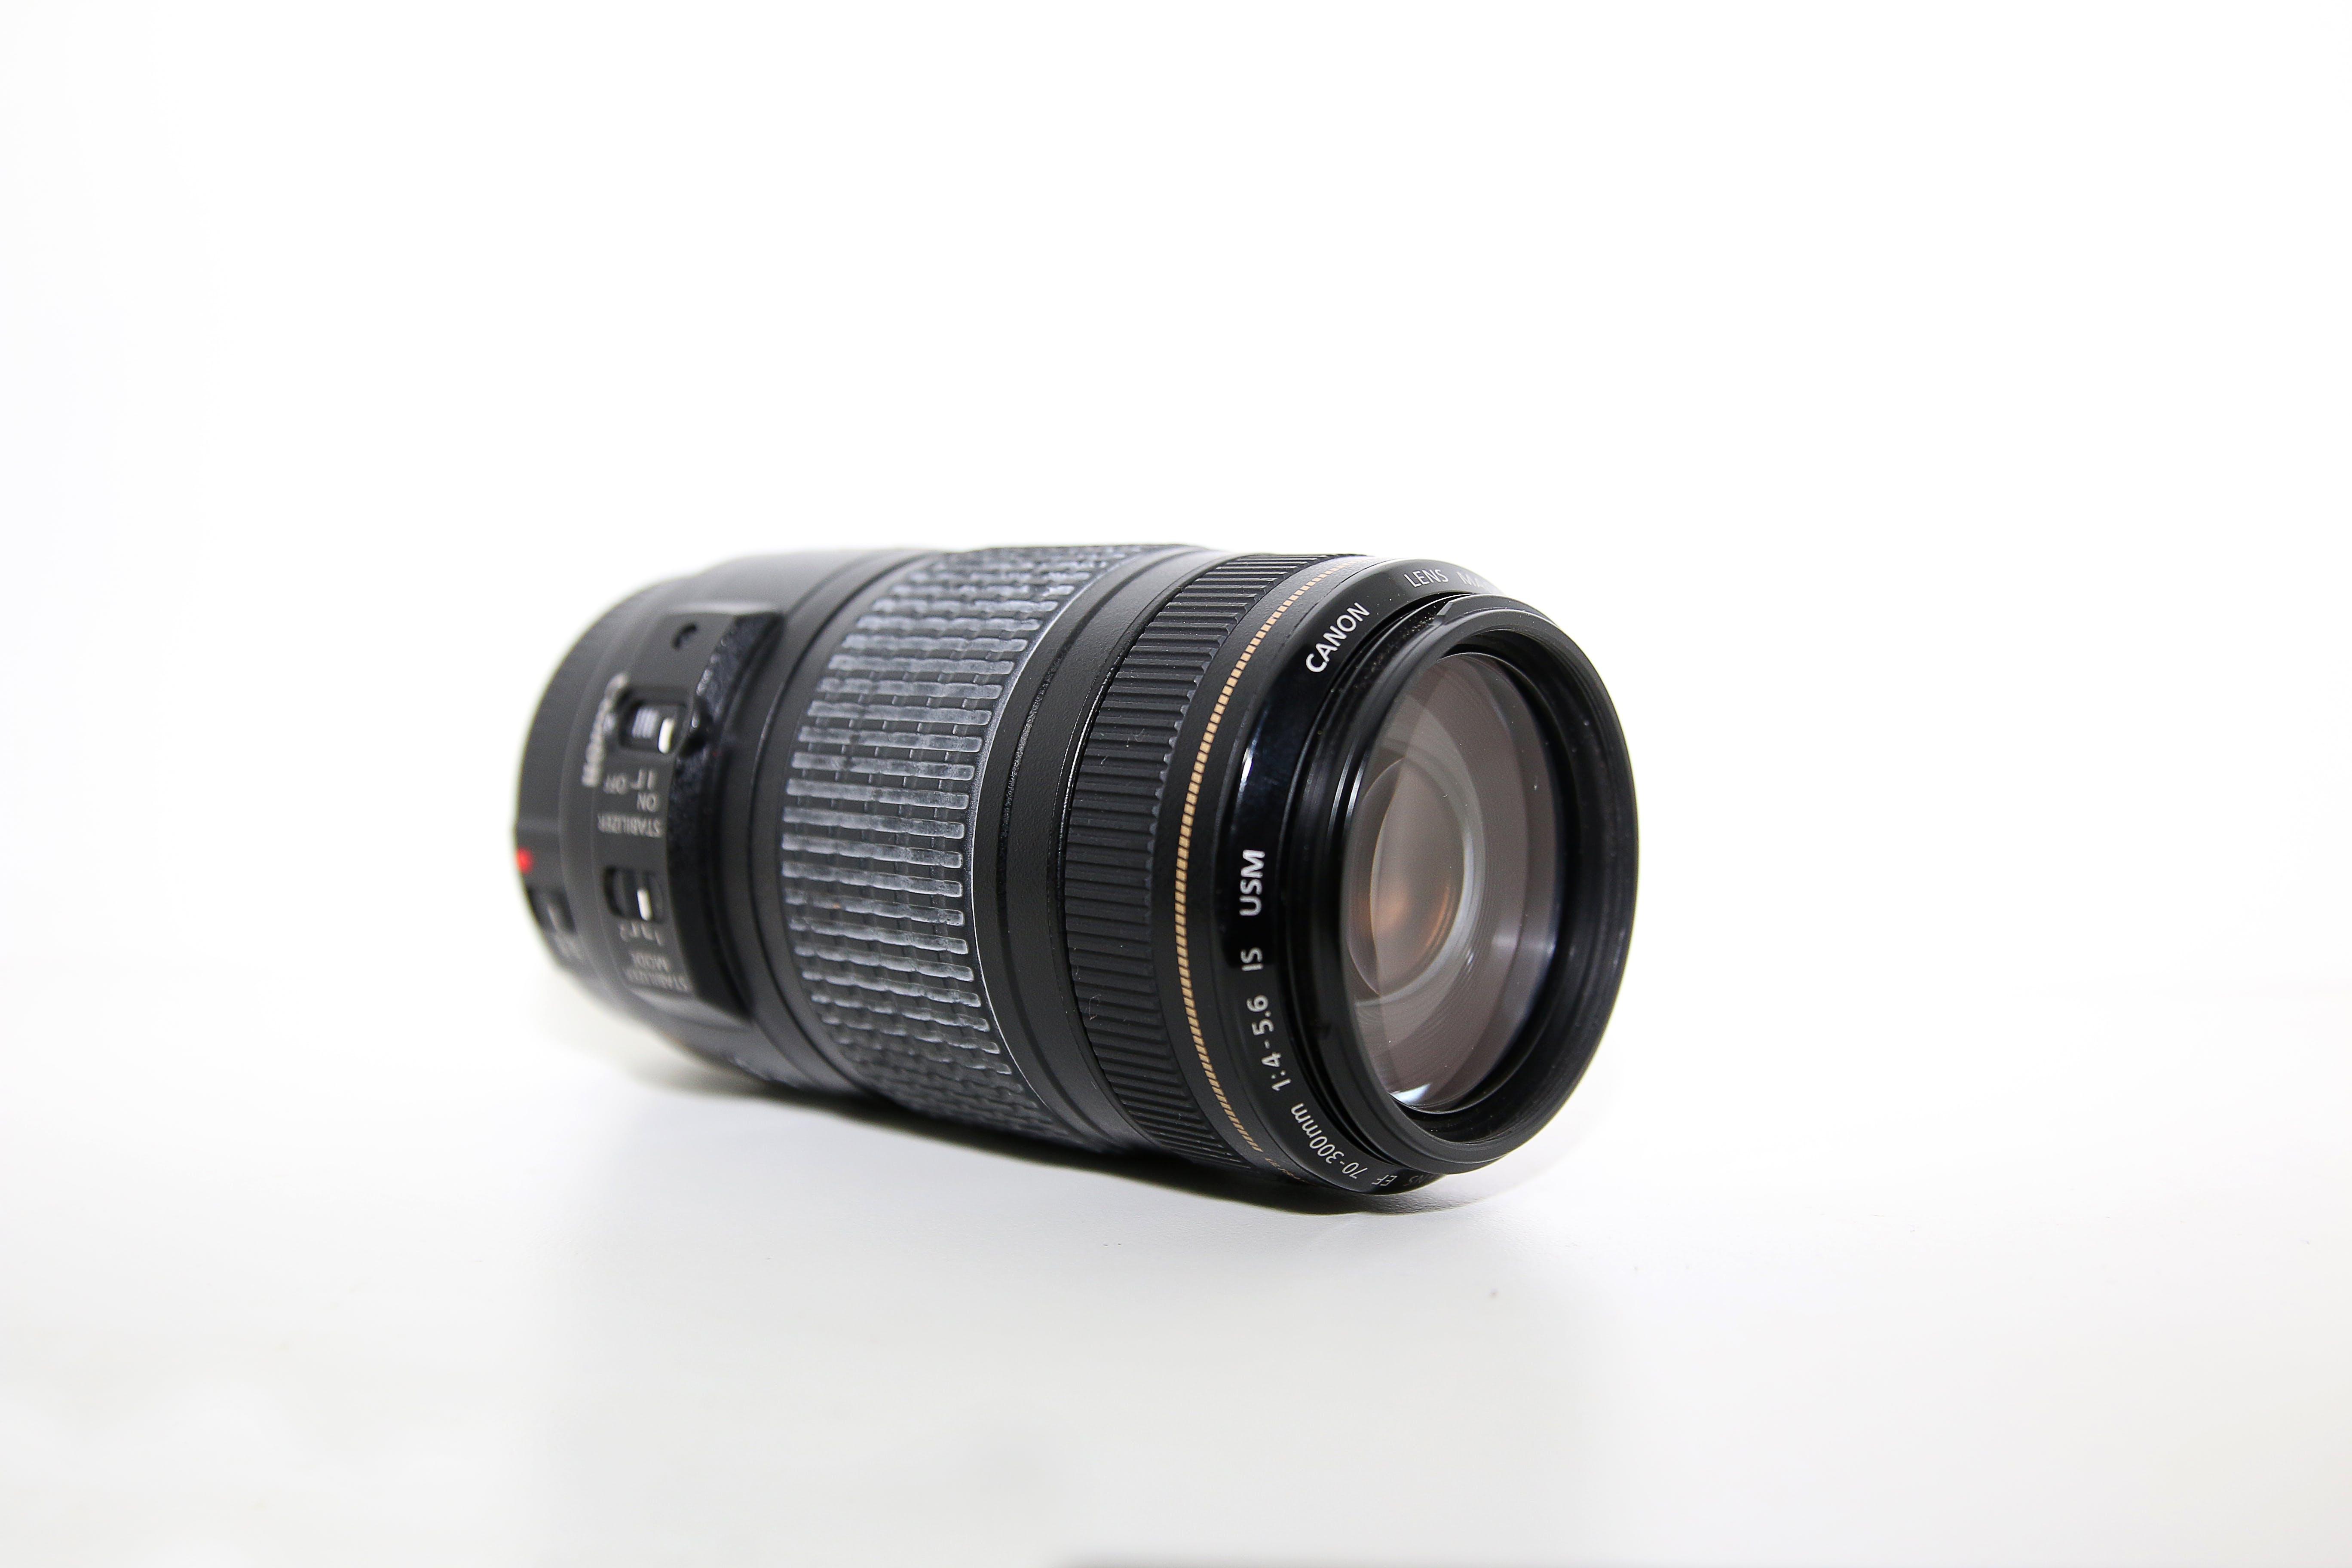 Gratis arkivbilde med digitalt kamera, digitalt speilreflekskamera, gammelt kamera, kamera